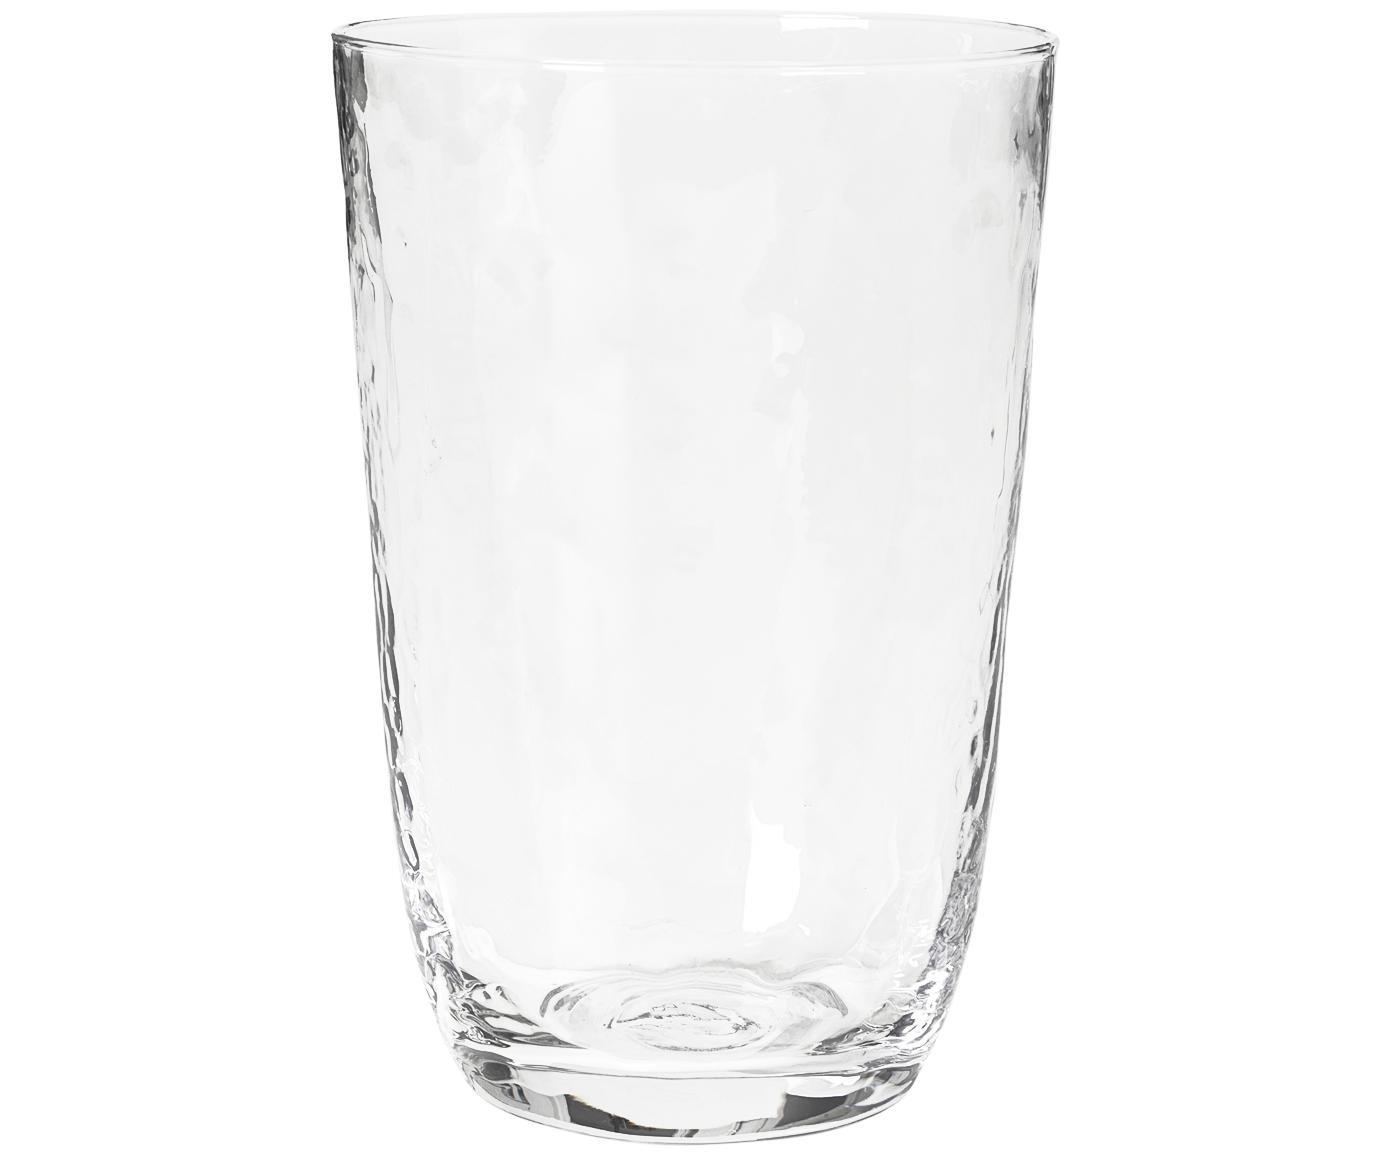 Mundgeblasene Wassergläser Hammered mit unebener Oberfläche, 4er-Set, Glas, mundgeblasen, Transparent, Ø 9 x H 14 cm